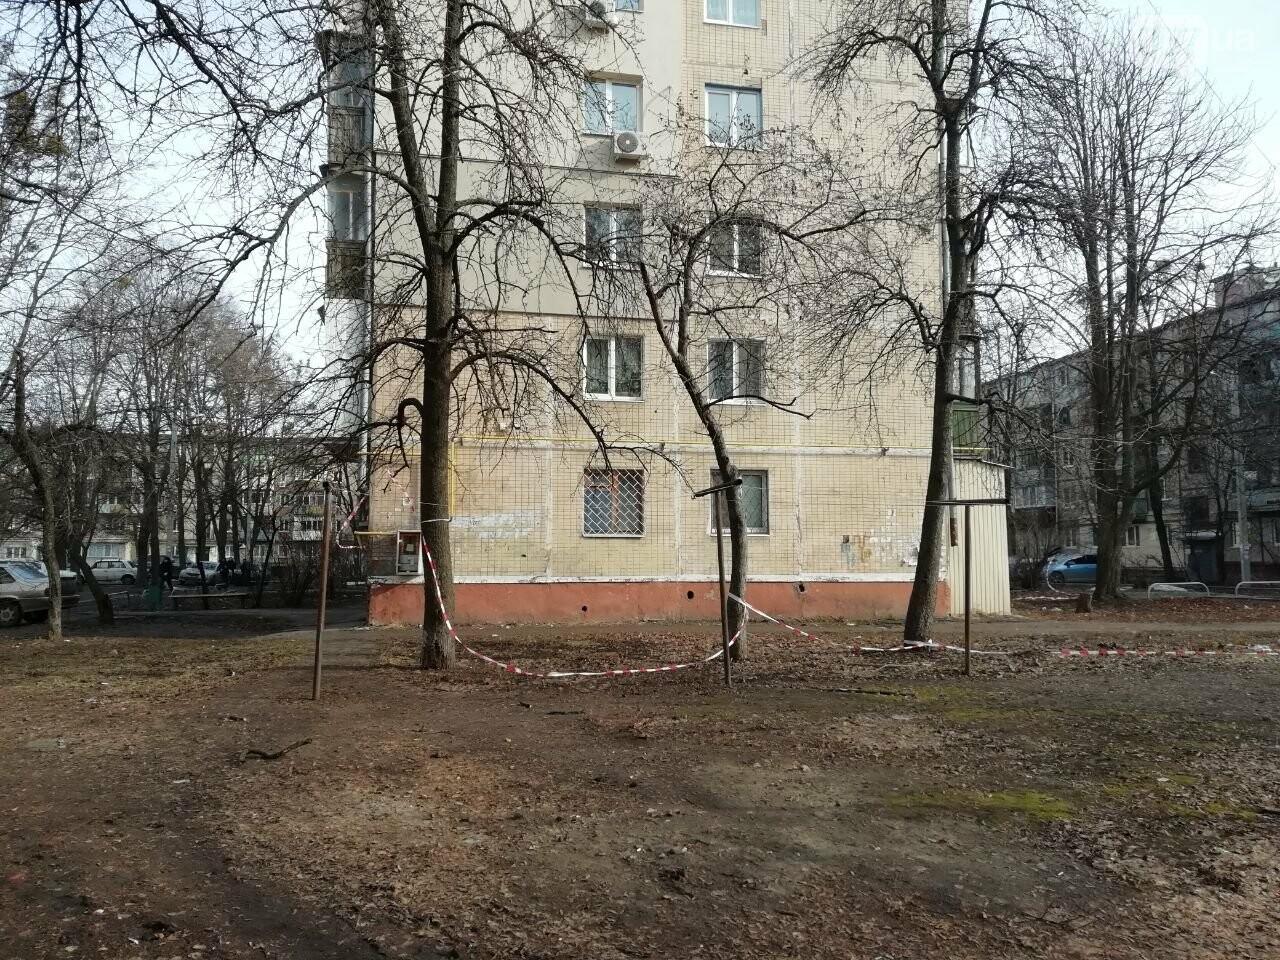 Выстрелы возле дома и неизвестные в масках: что рассказали жители о стрельбе на Московском проспекте, - ФОТО, фото-10